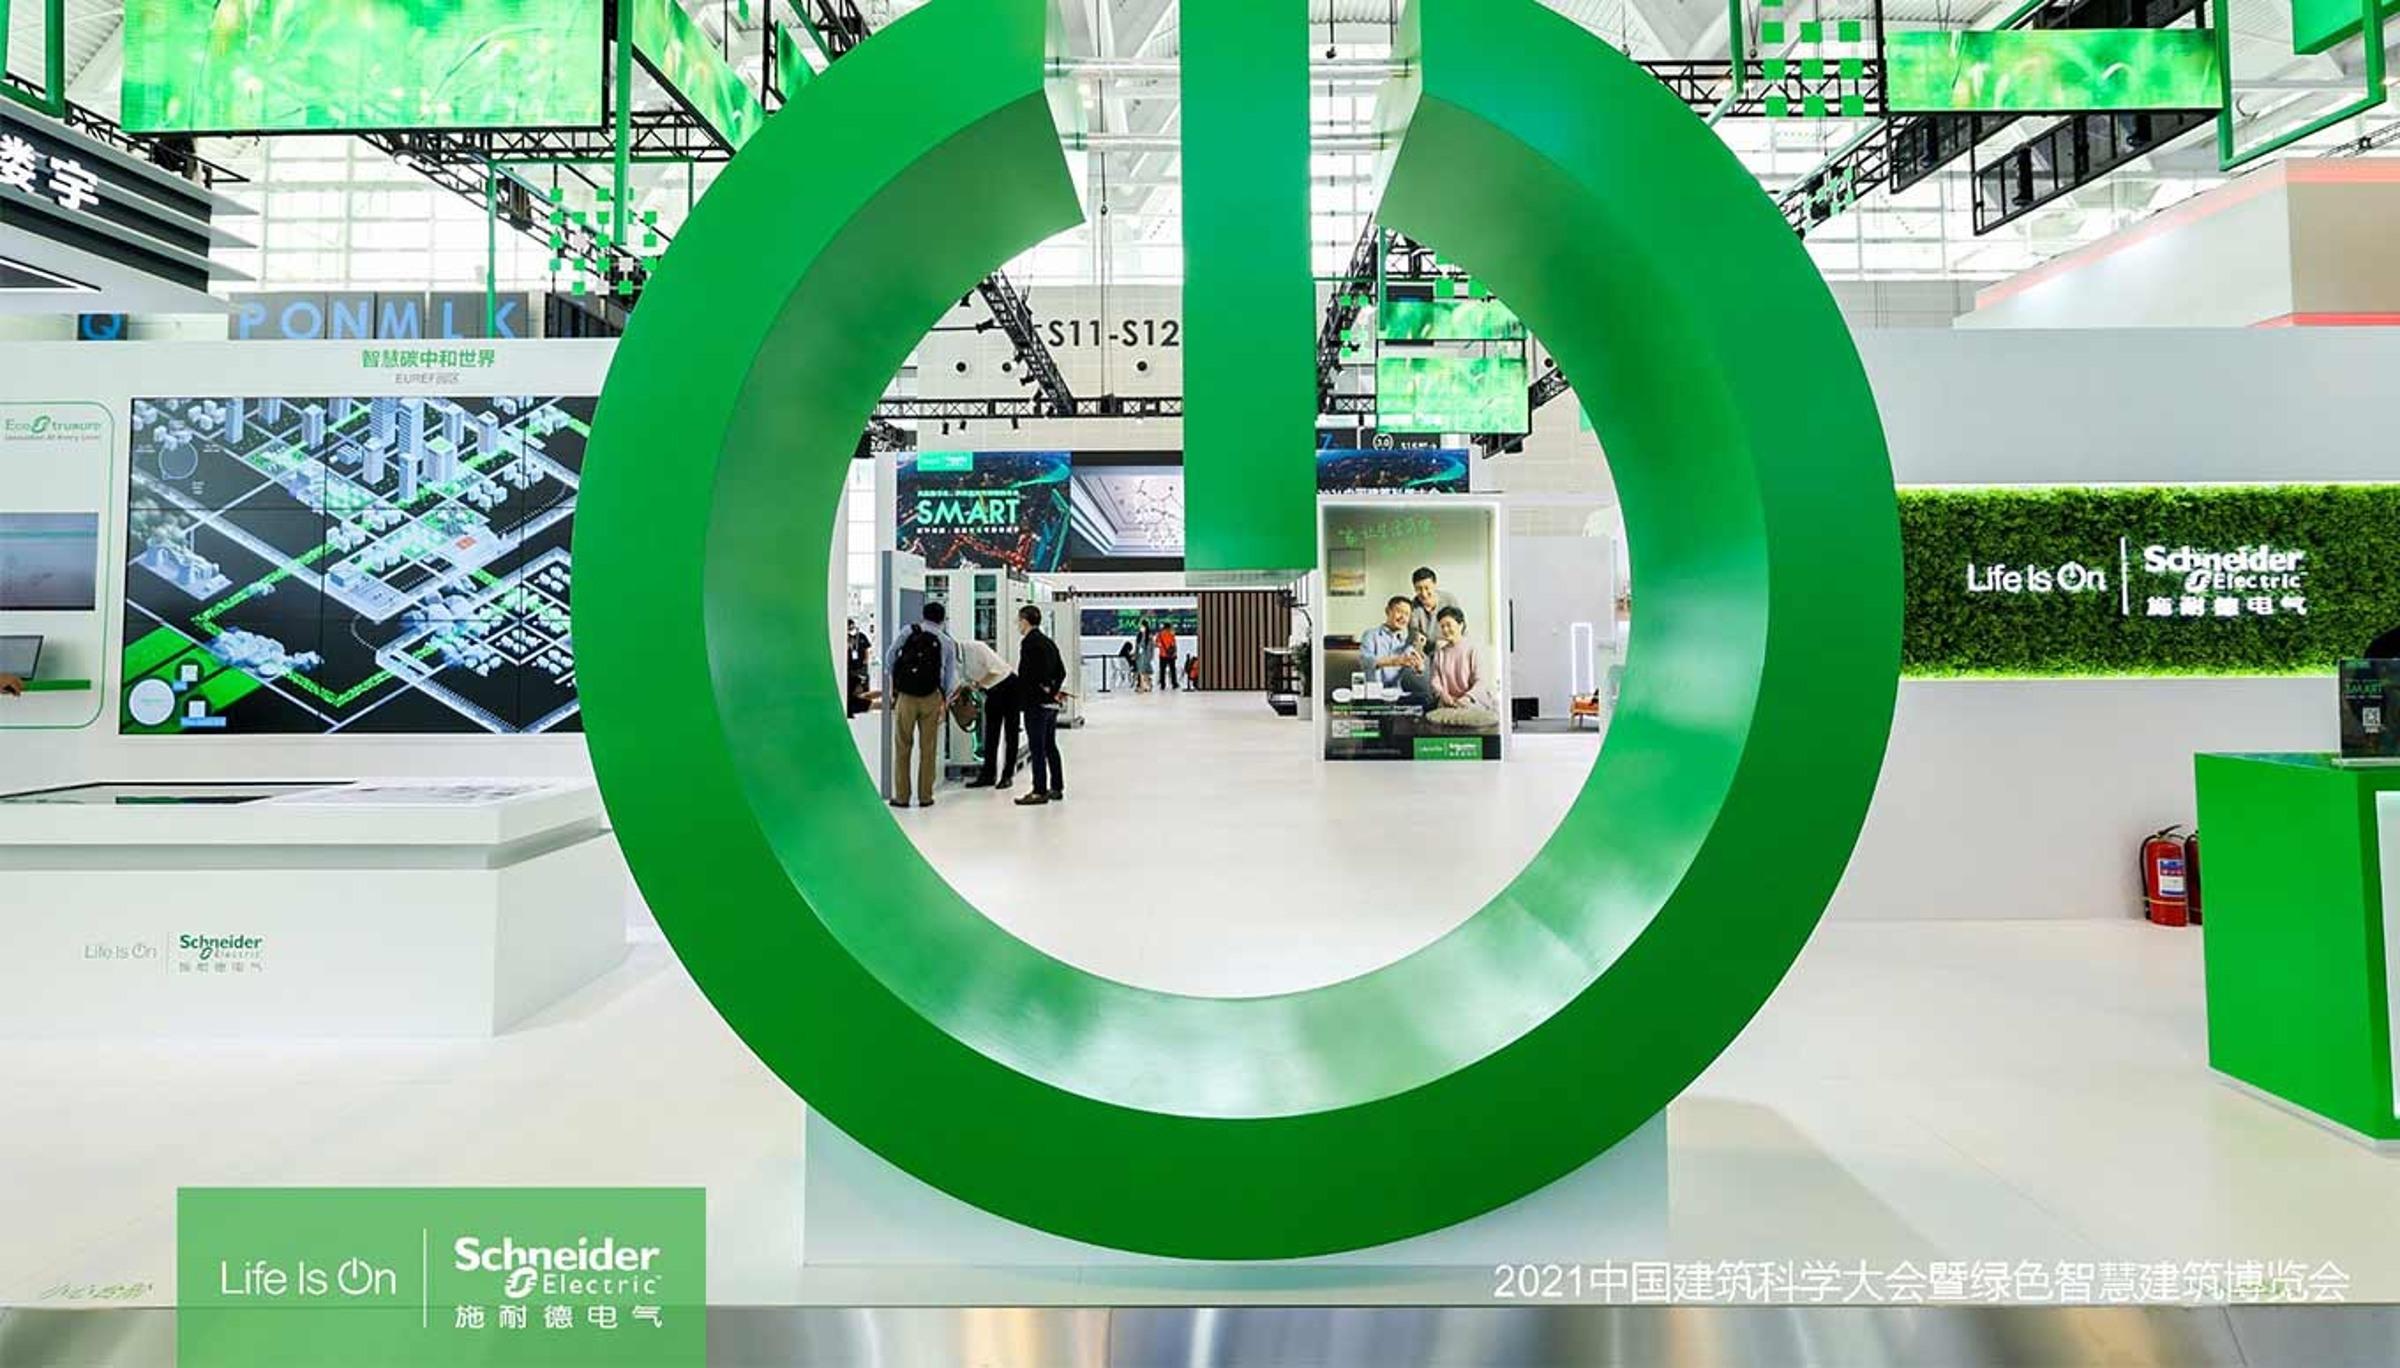 共筑零碳未来 施耐德电气携三大应用场景亮相绿色智慧建筑博览会